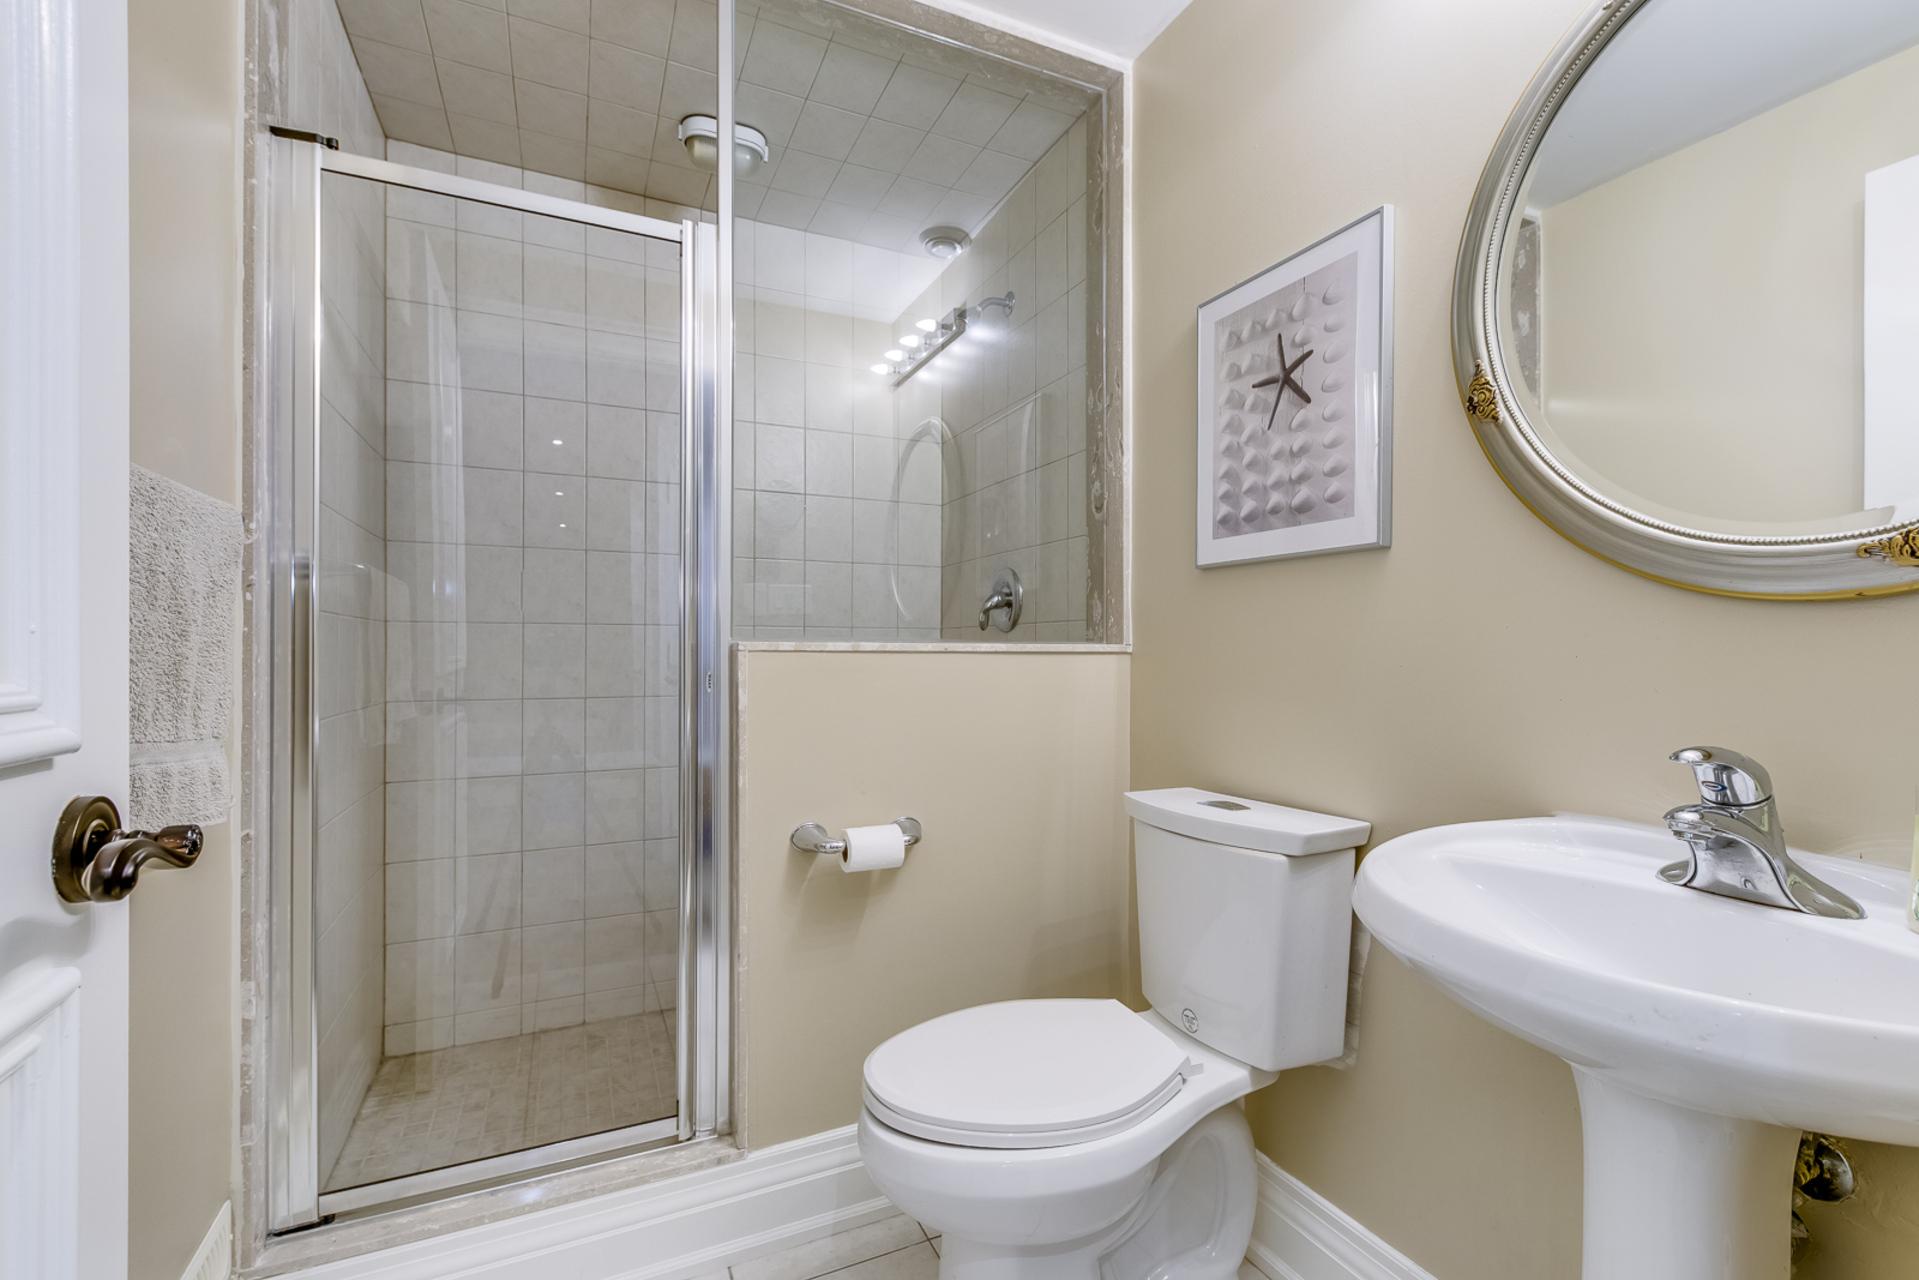 Basement Bathroom - 2415 Lyndhurst Dr, Oakville - Elite3 & Team at 2415 Lyndhurst Drive, Iroquois Ridge North, Oakville